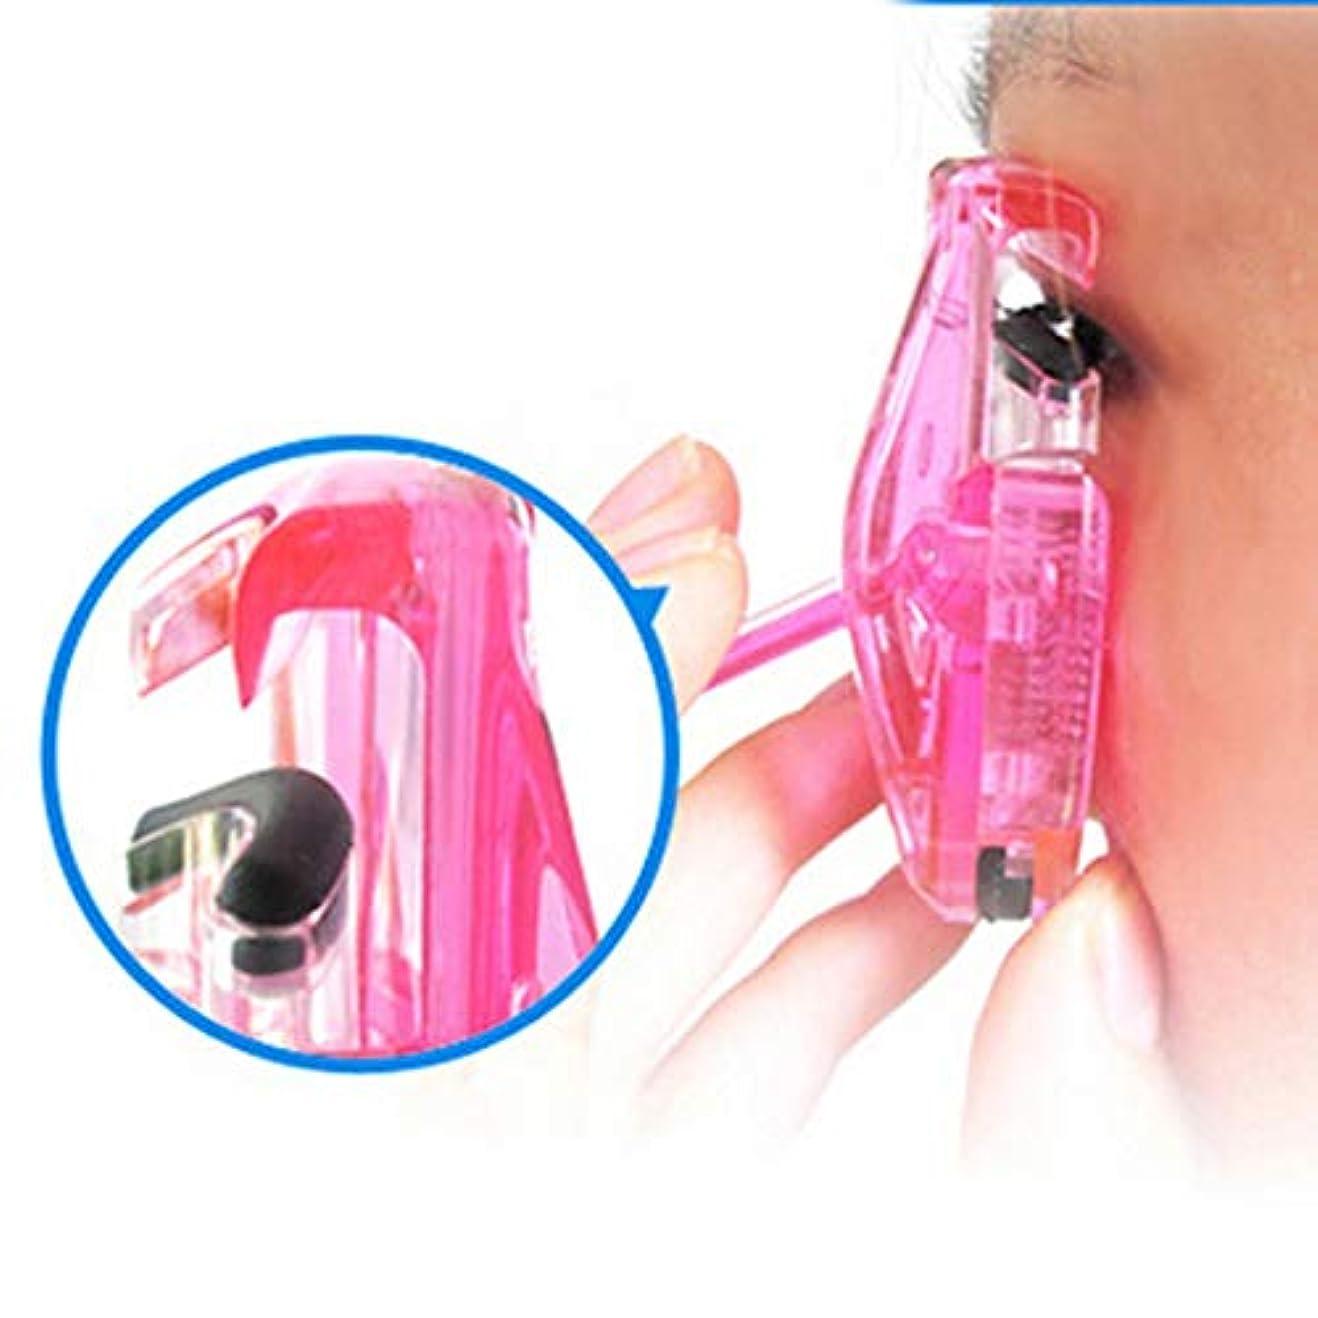 盲目過度に溶かす女性 まつげカーラー 美容キット ツール まつげカーリング クリップ プロフェッショナル ポータブル ランダム